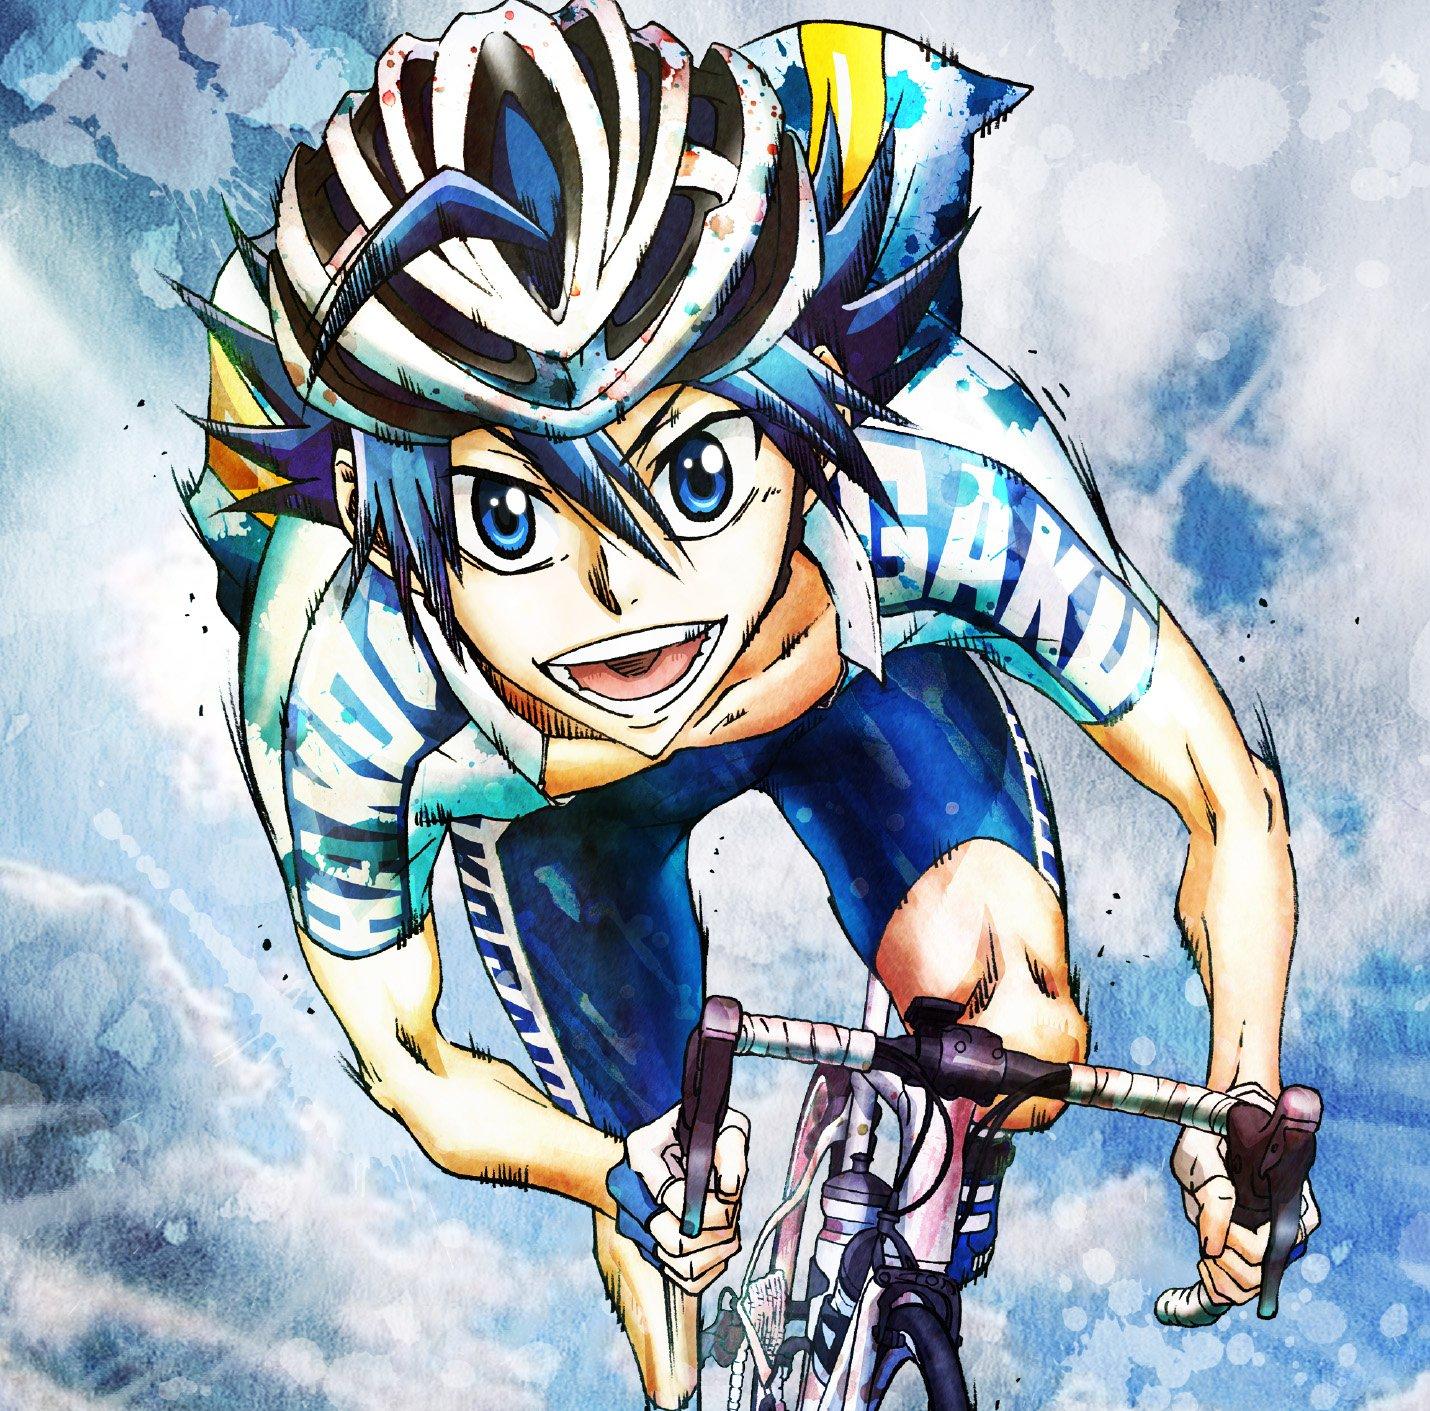 弱虫ペダル 箱根学園キャラクターの使用しているロードバイクのまとめ